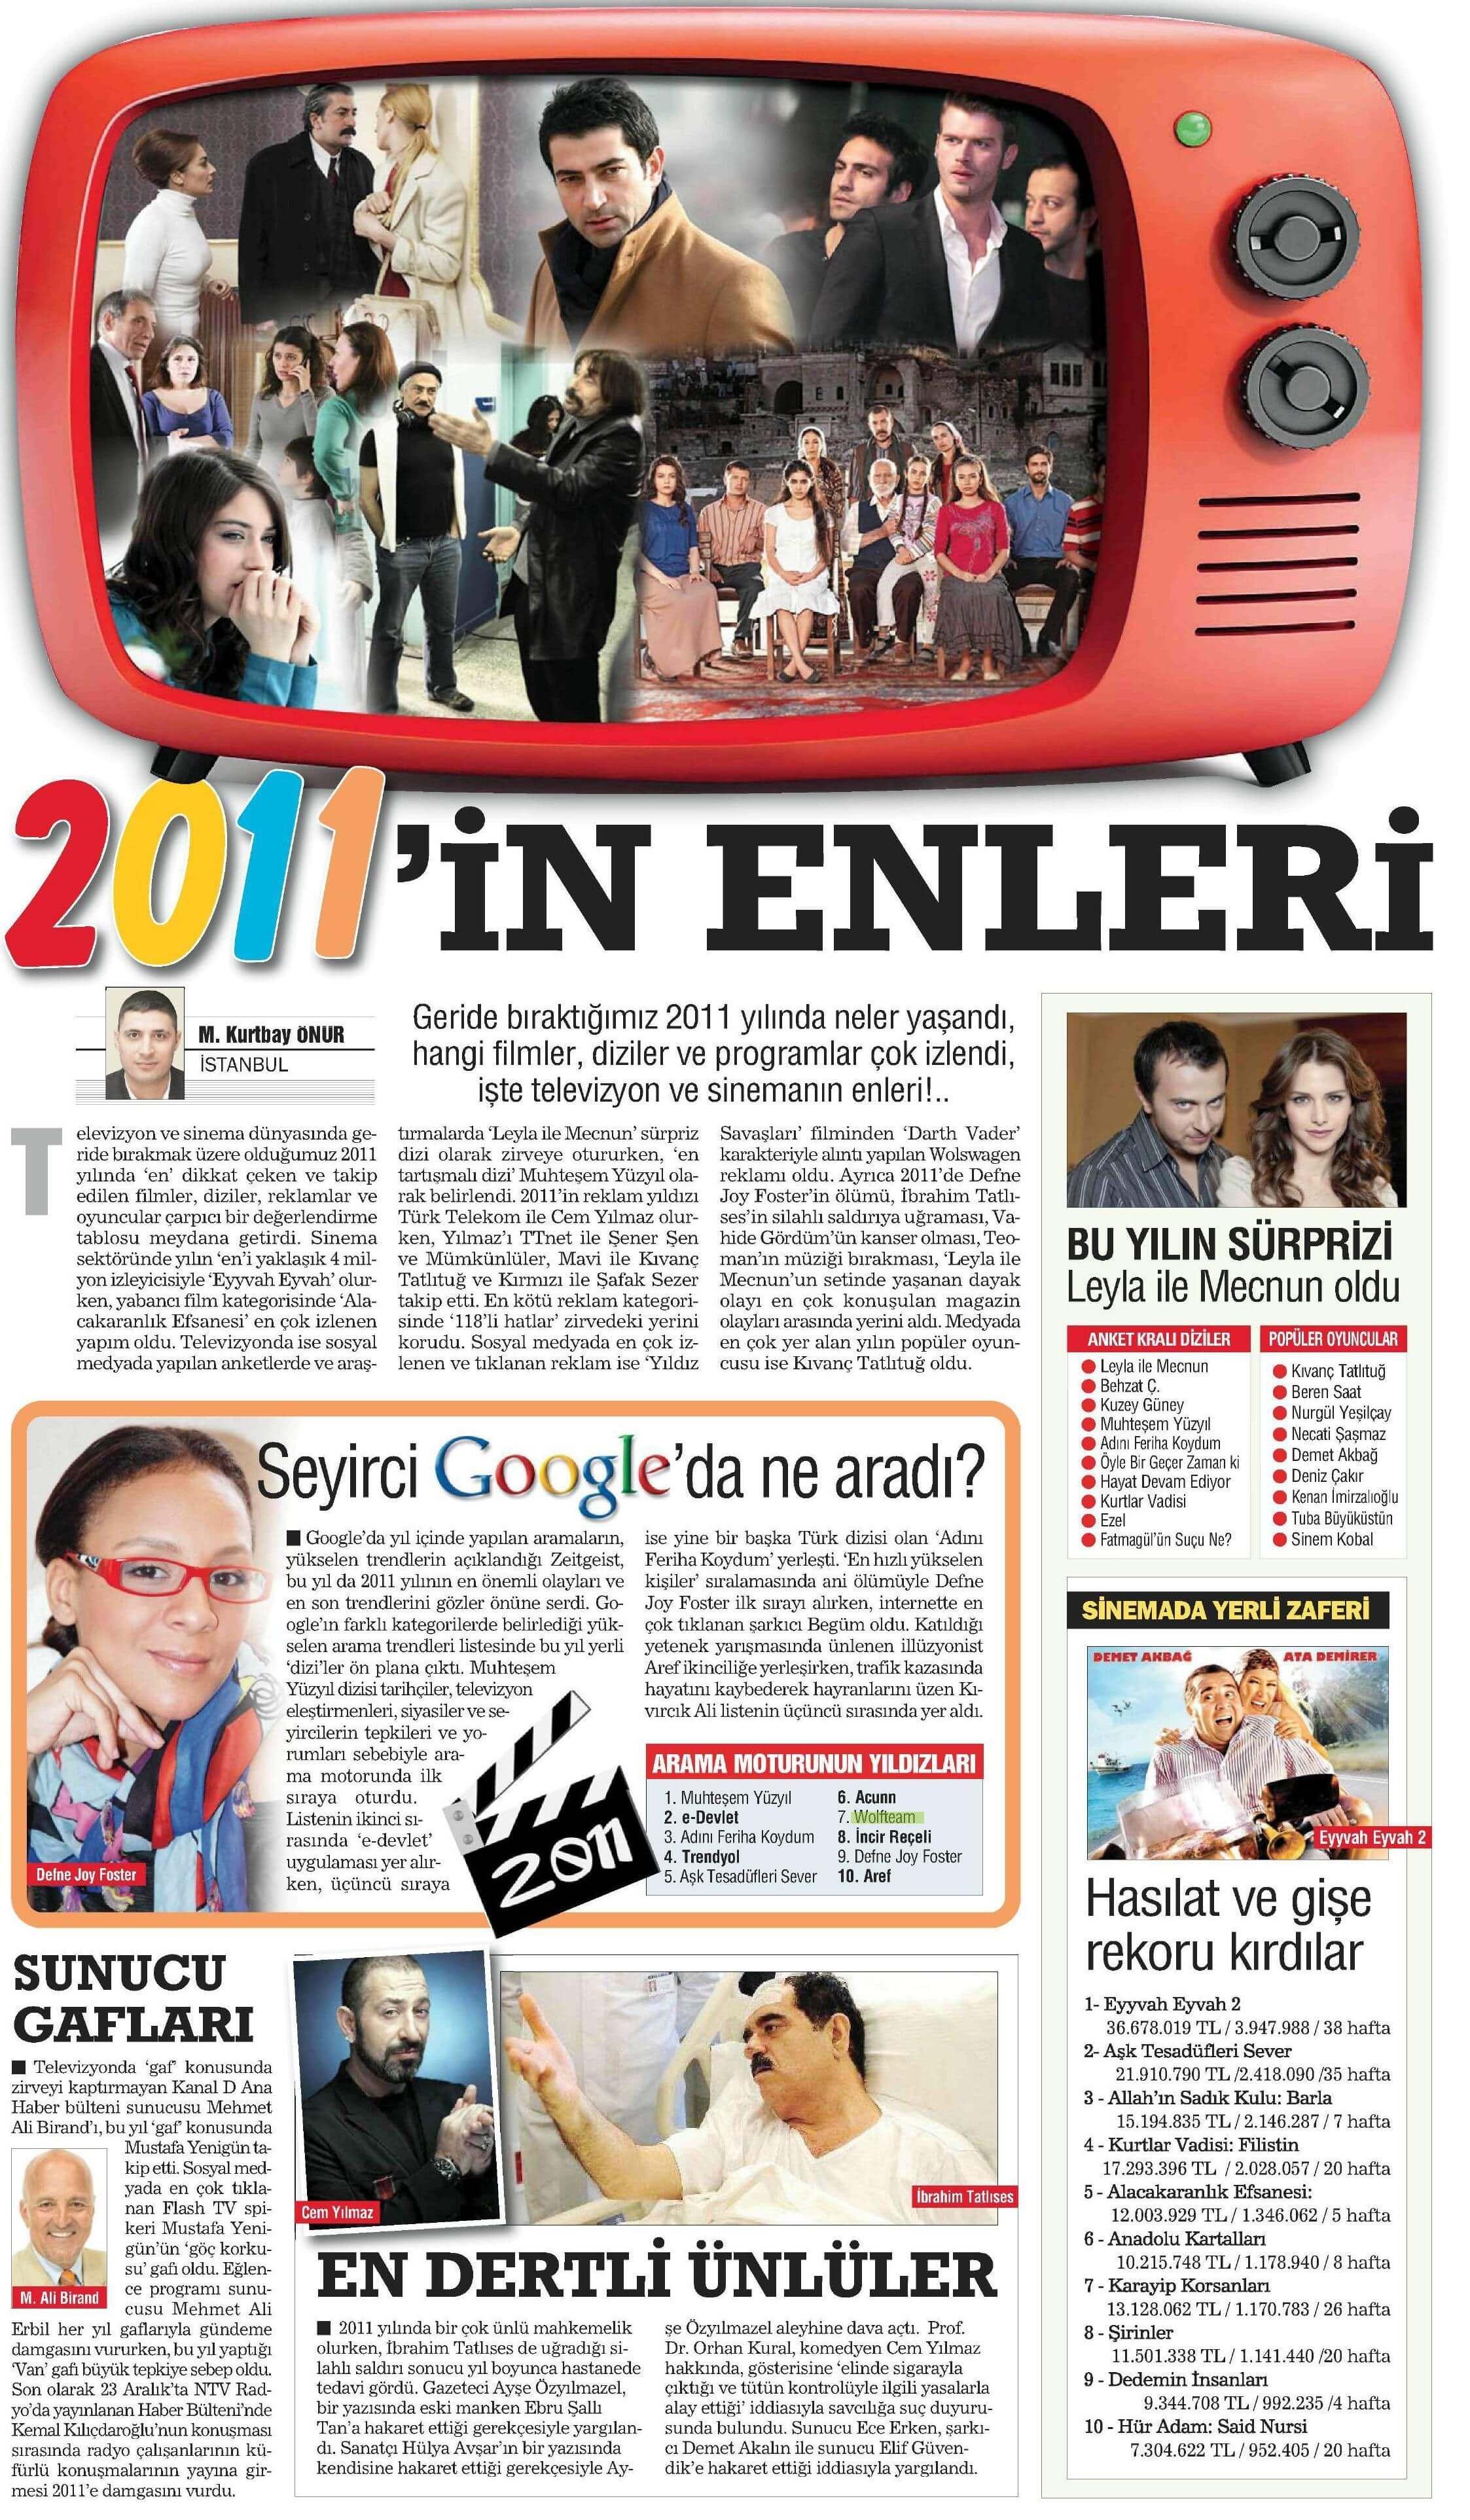 joygame basin yansimalari turkiye gazetesi 29 12